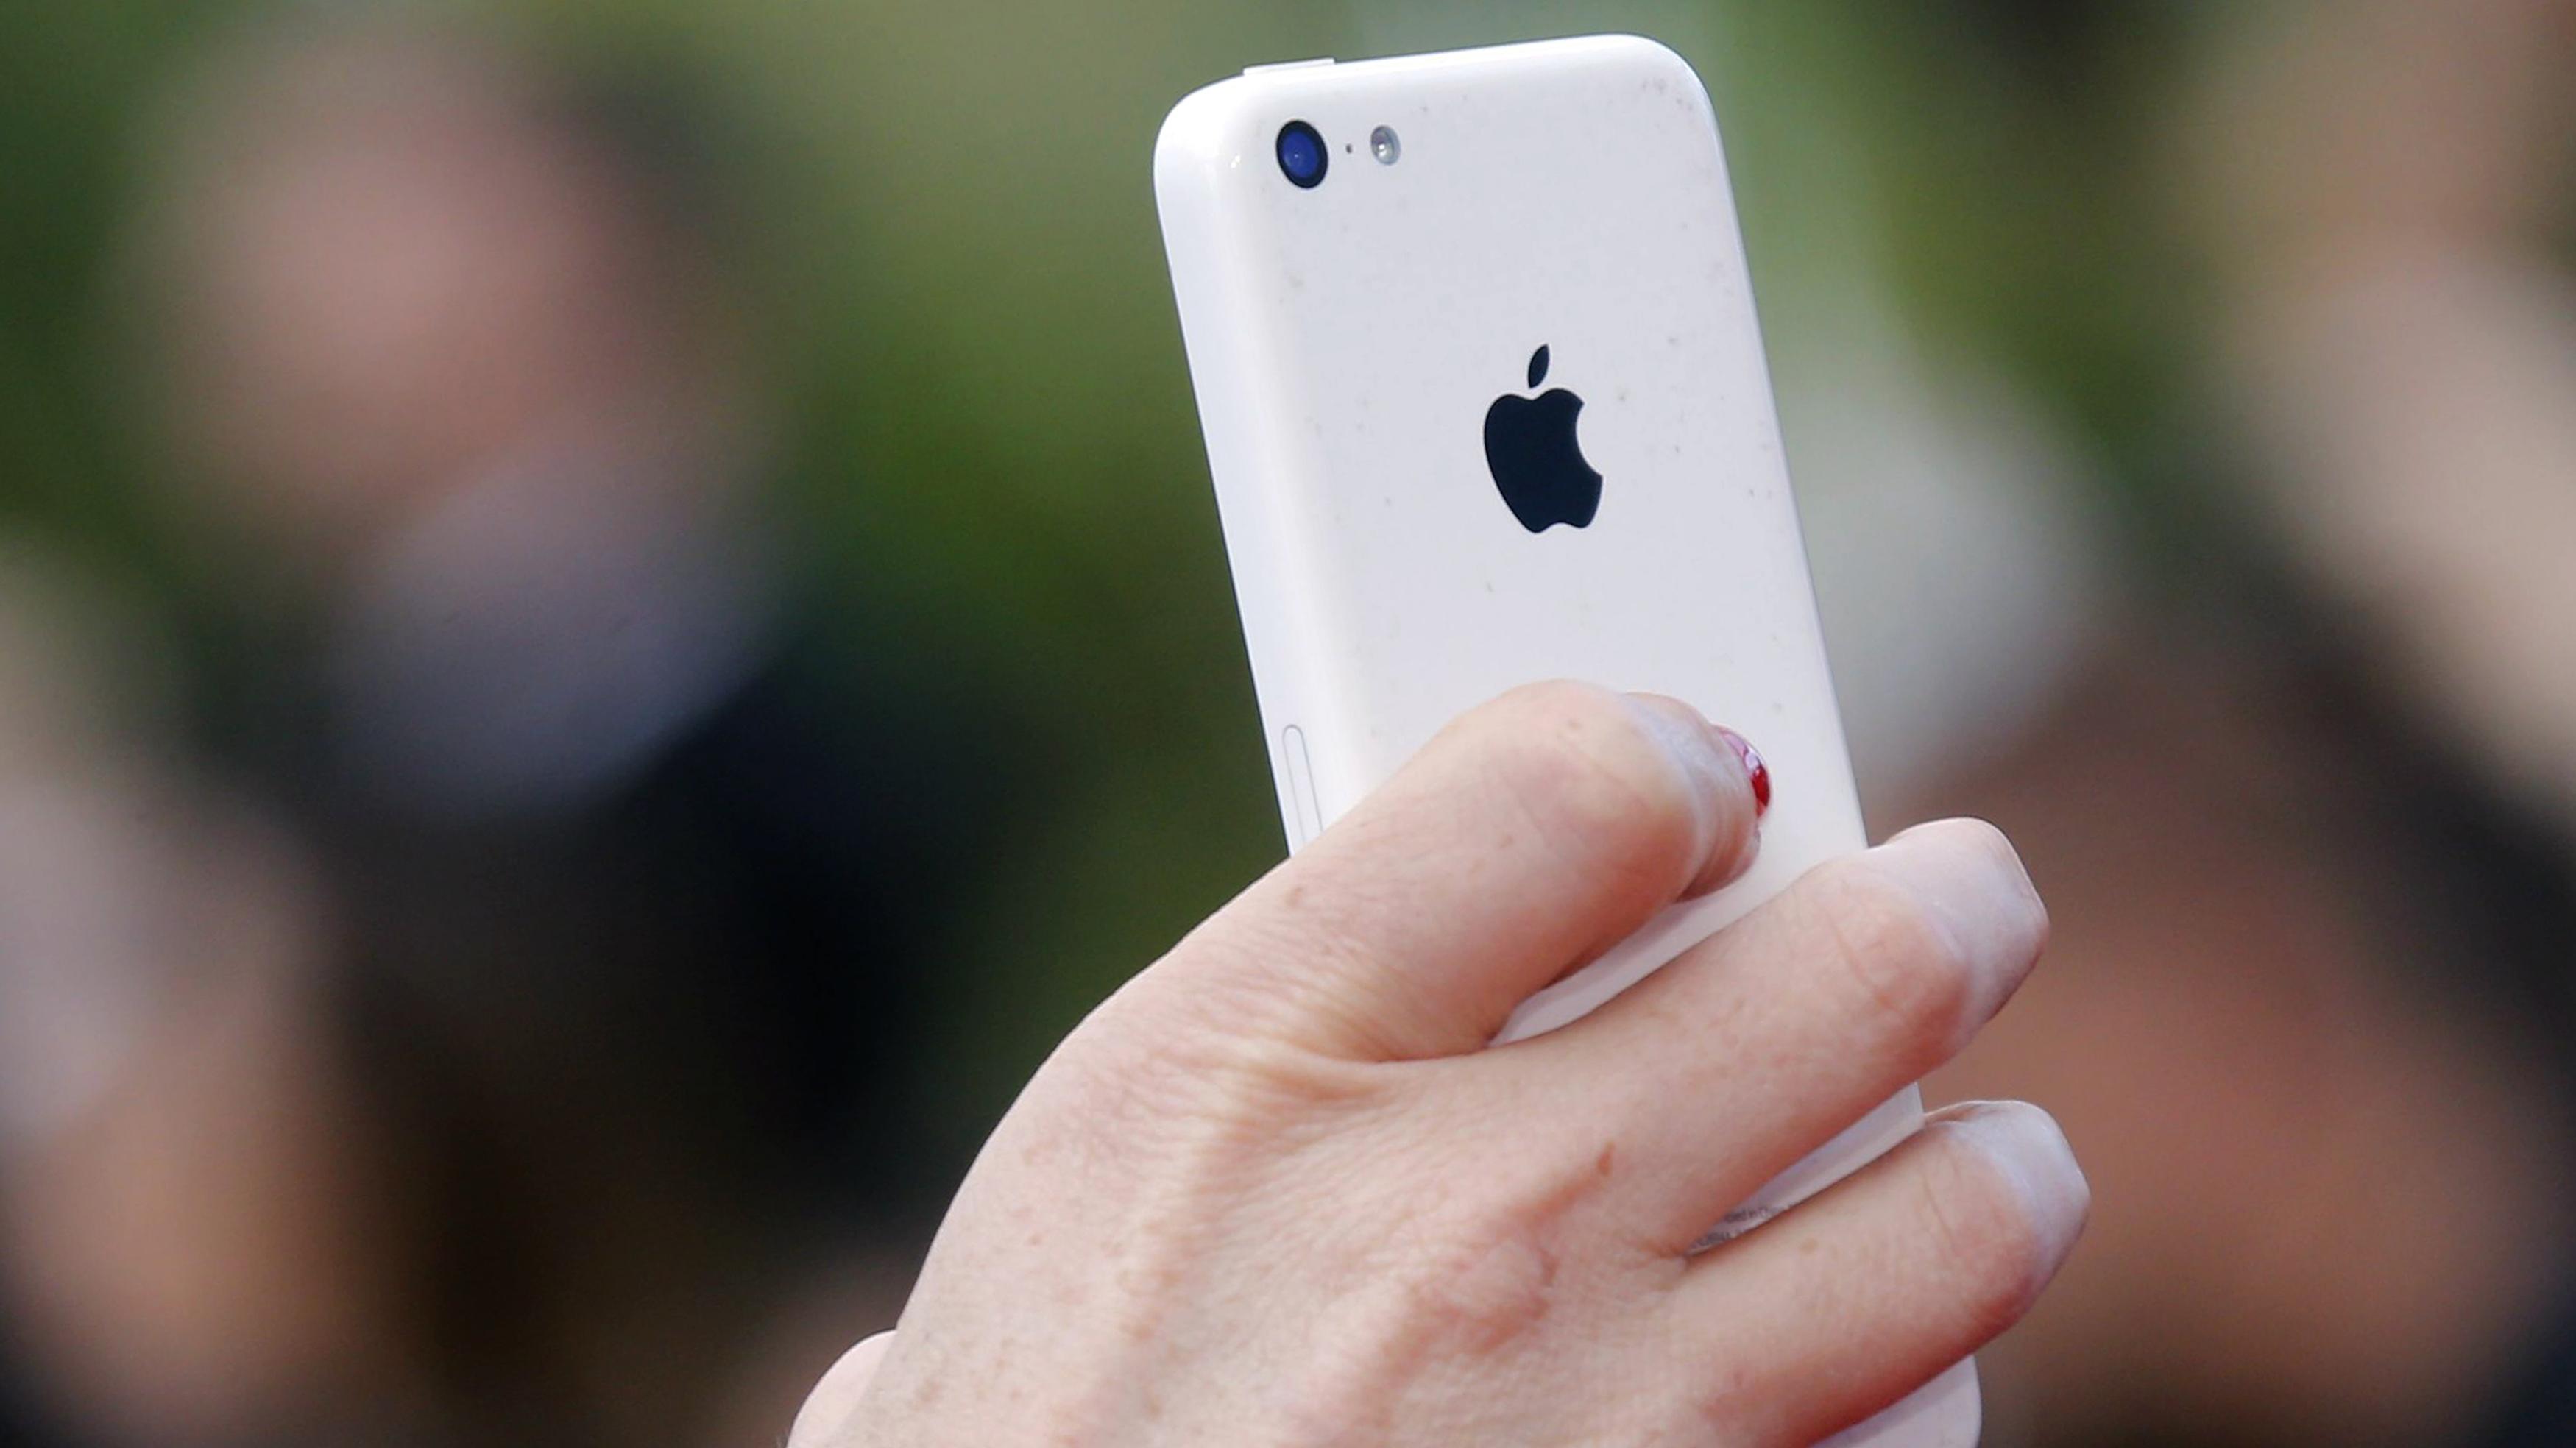 Apple (APPL) iPhone sales: Sliding profits mean Apple should